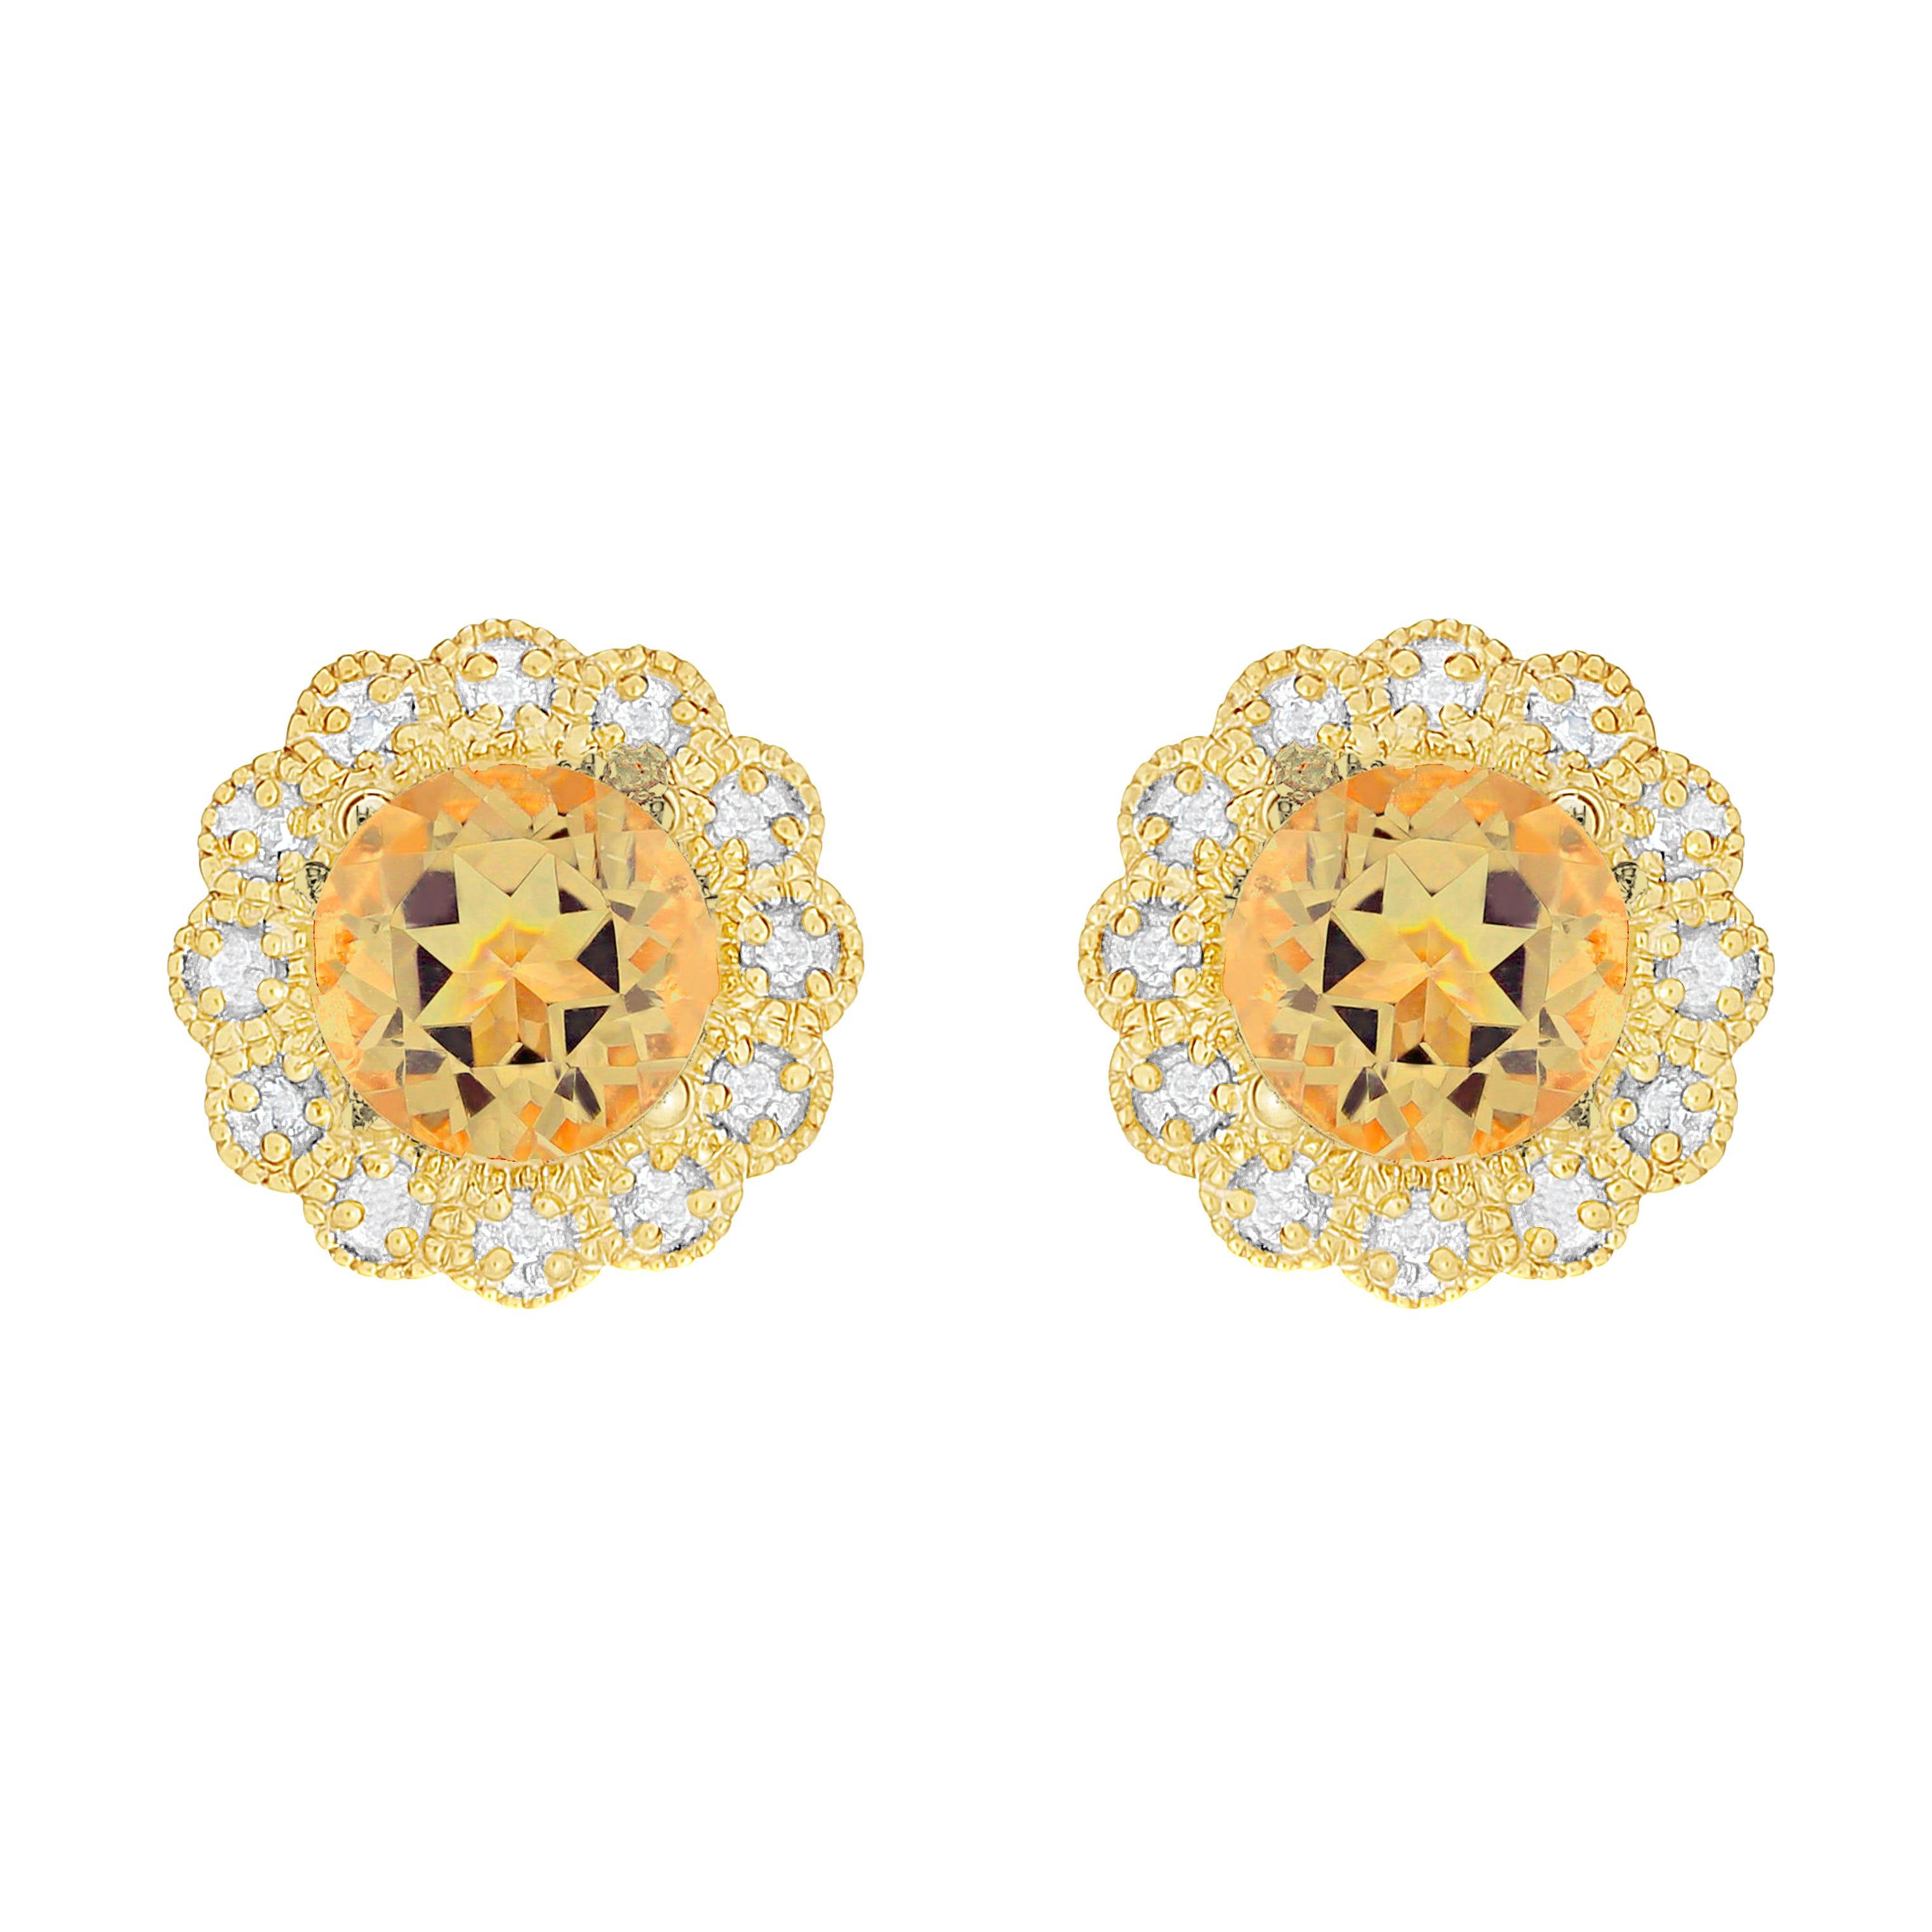 Citrine & Diamond Flower Earrings in 10k Yellow Gold